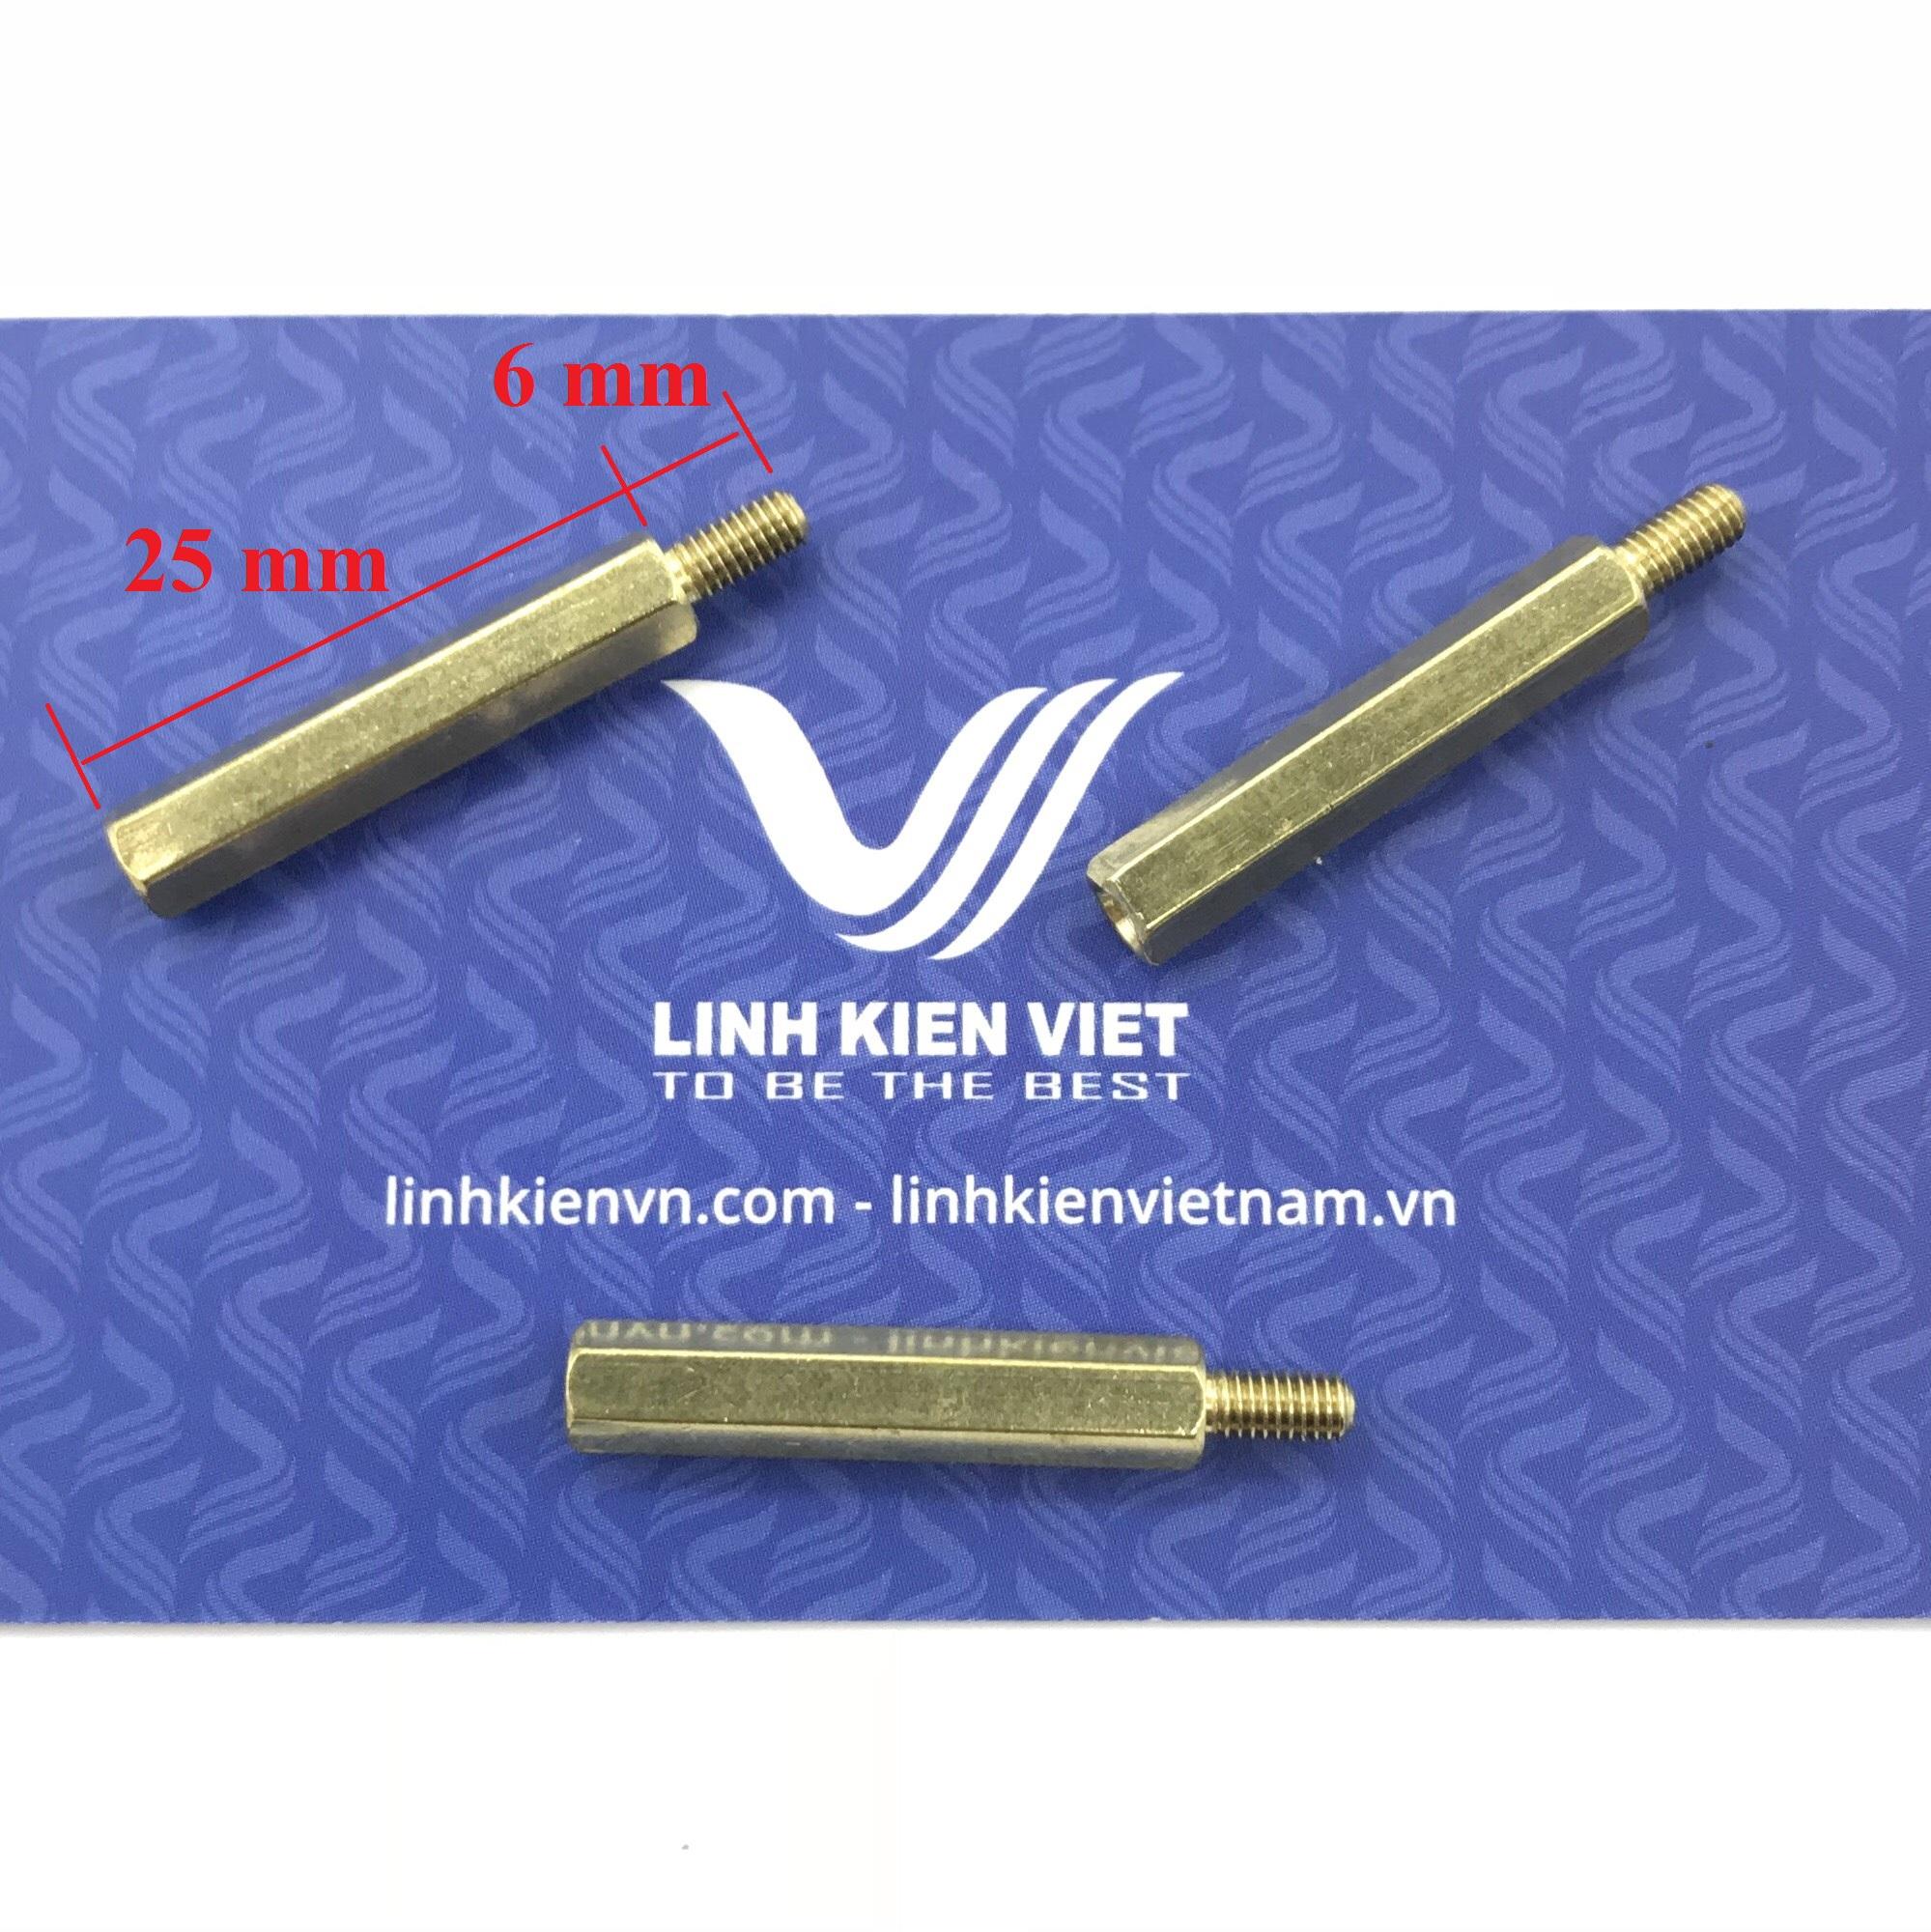 Cọc đồng M3 25+6mm đực-cái - J1H22